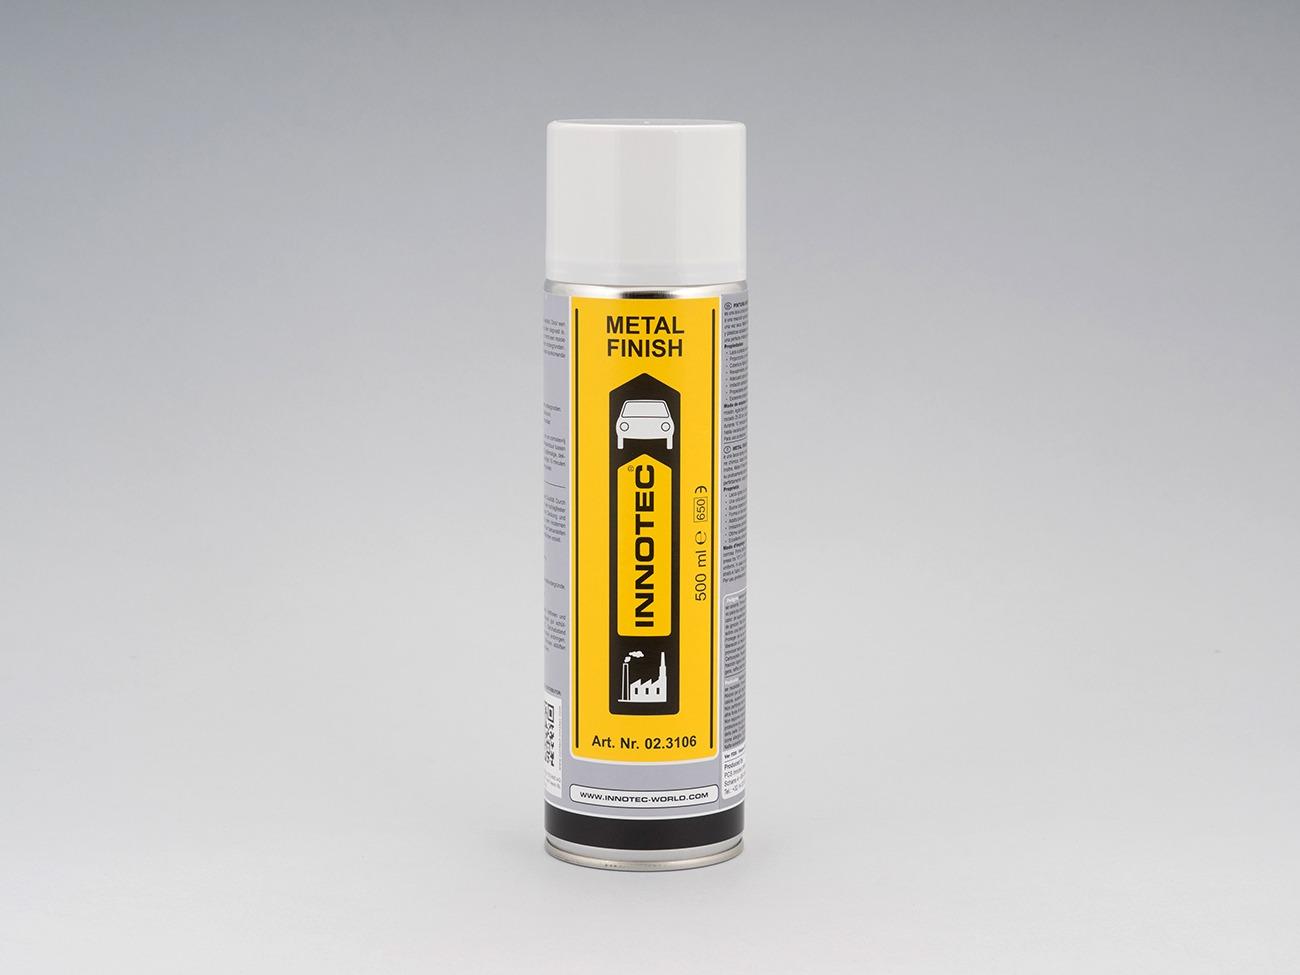 Vernice spray color grigio metallizzato, rivestimento resistente agli urti per plastiche e metalli